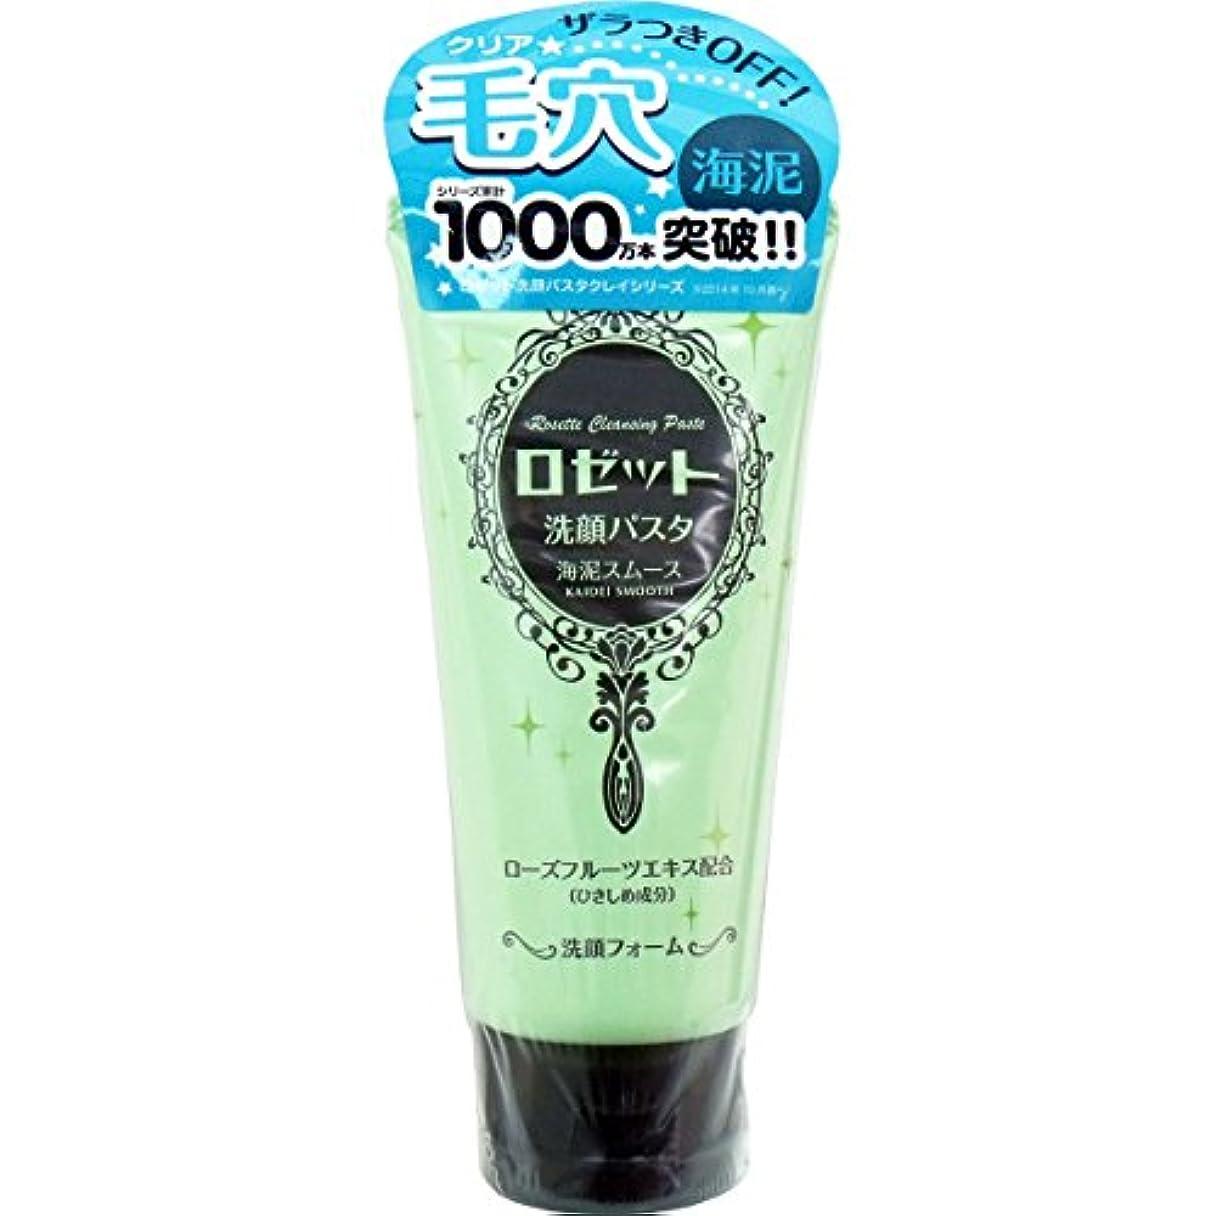 機械ディスコ悲観的ロゼット 洗顔パスタ 海泥スムース 120g10個セット